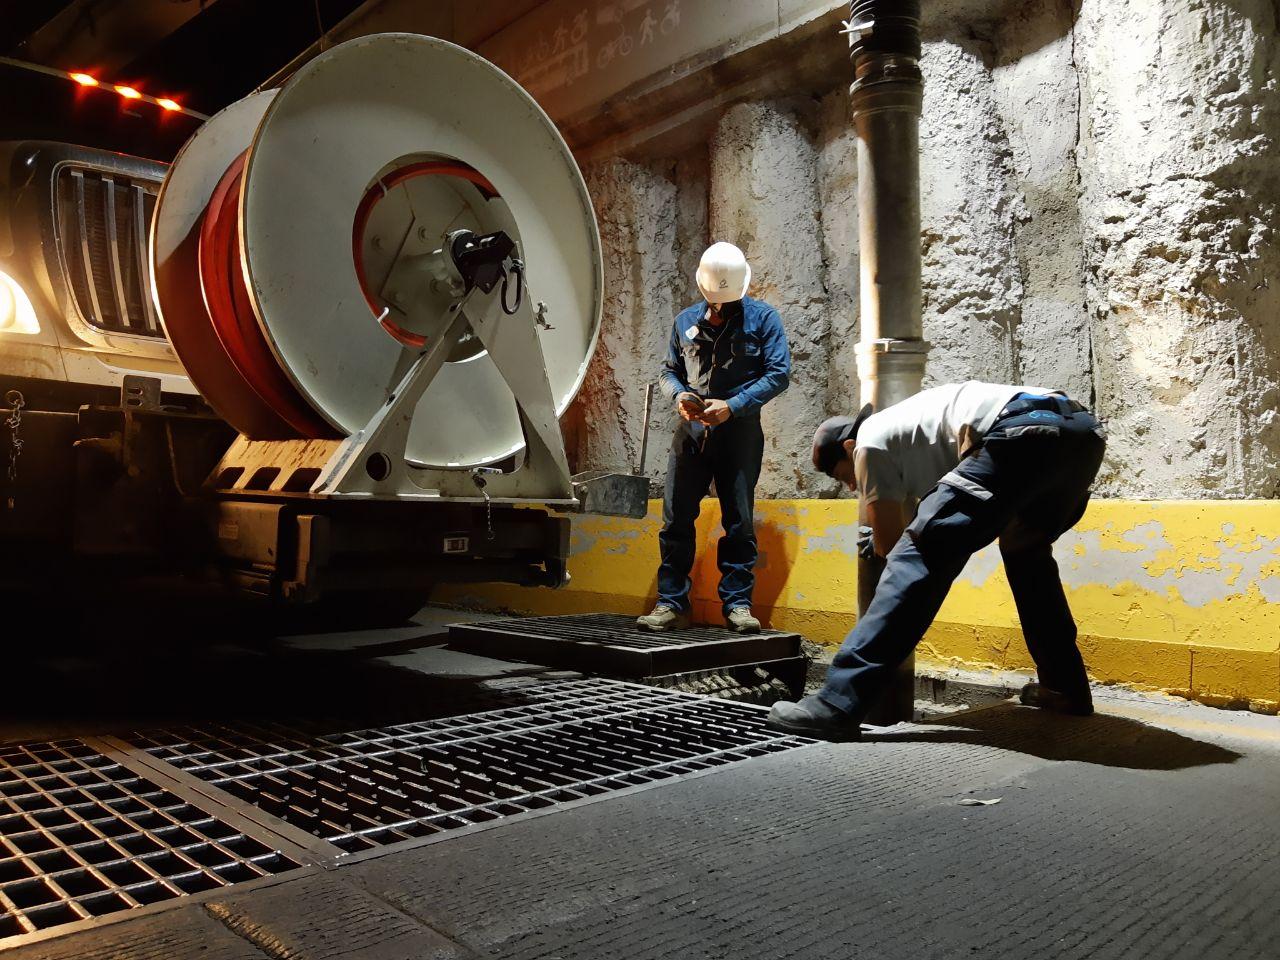 Avanza Siapa en los trabajos de mantenimiento y limpieza de la infraestructura hidráulica